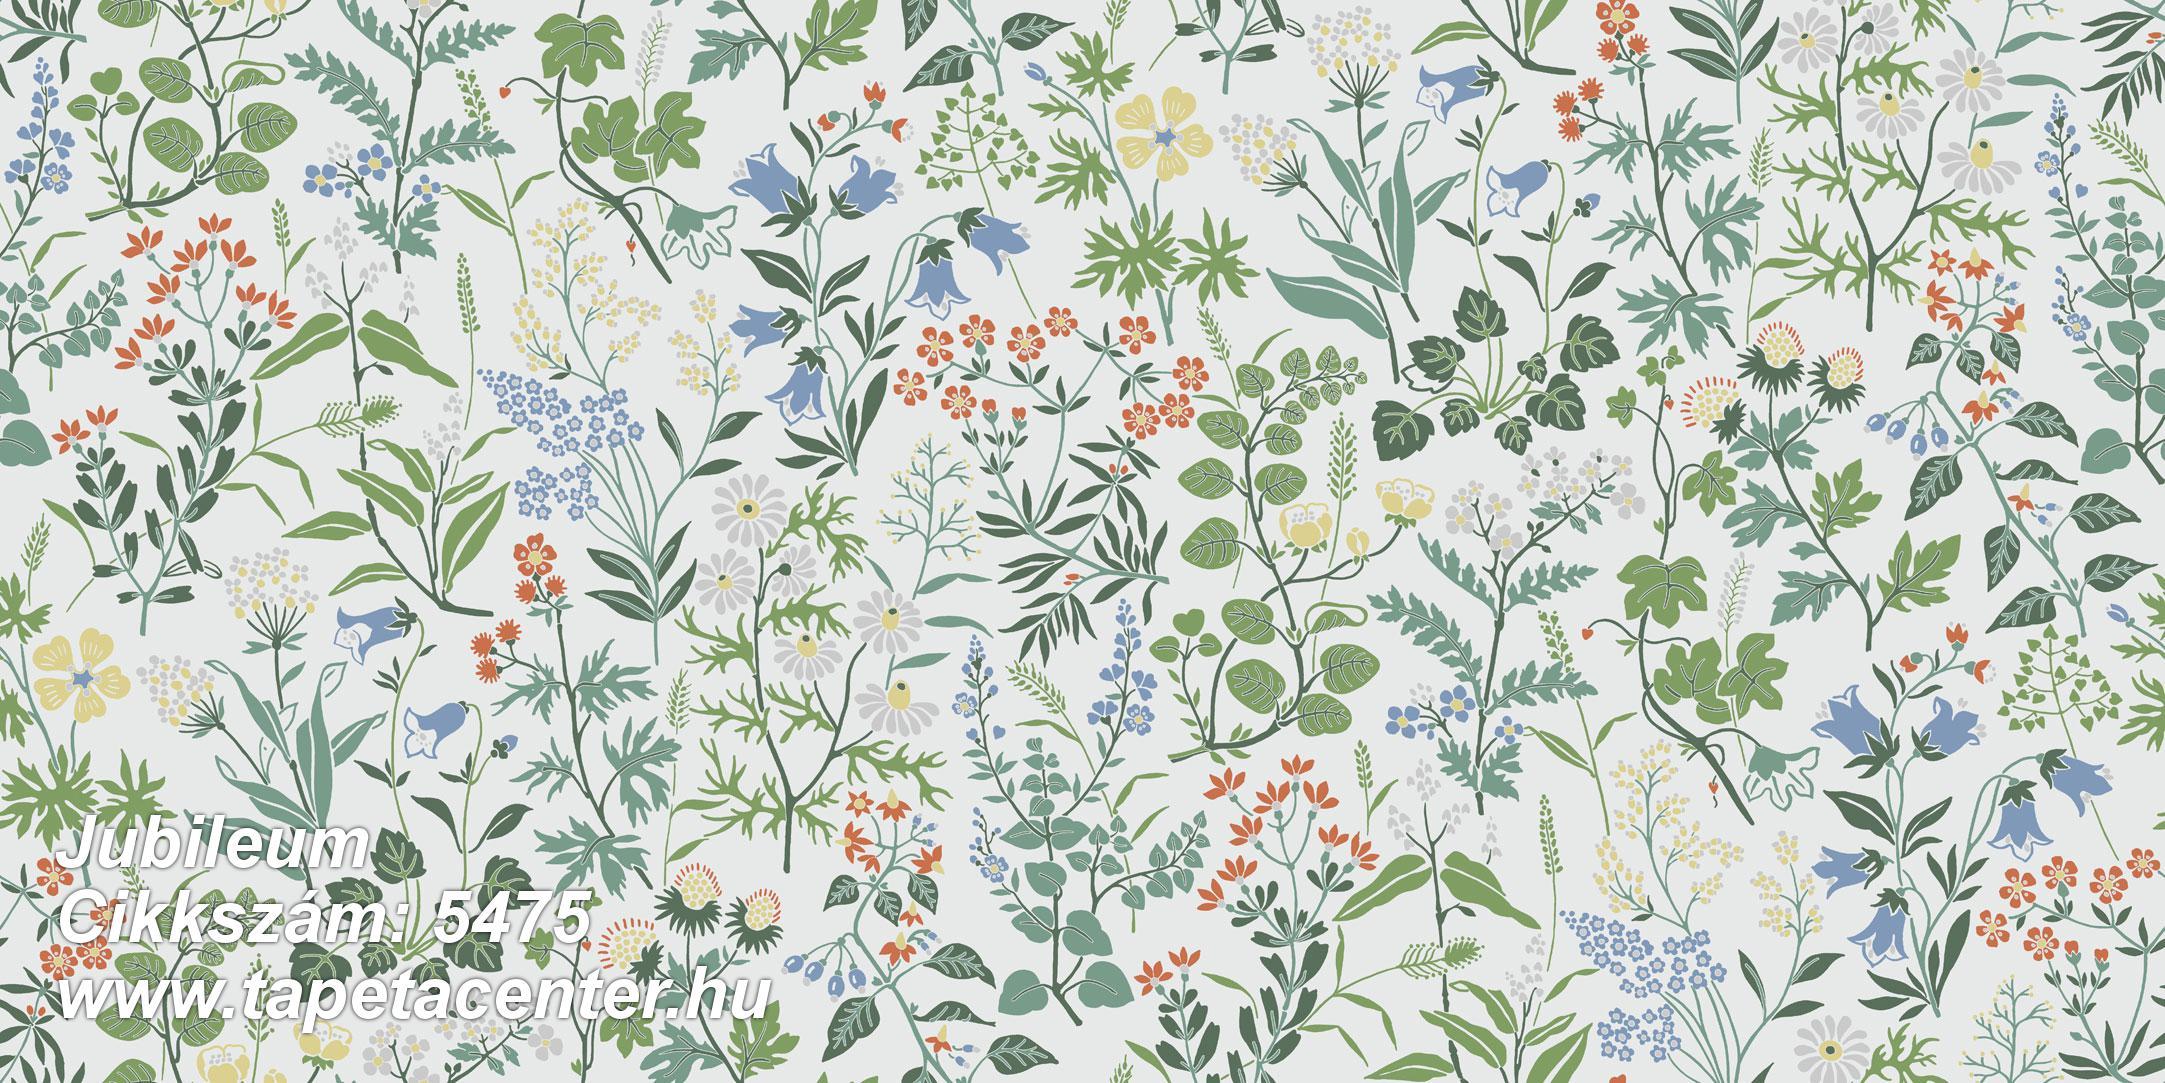 Rajzolt,retro,természeti mintás,virágmintás,fehér,kék,narancs-terrakotta,piros-bordó,sárga,zöld,gyengén mosható,vlies tapéta